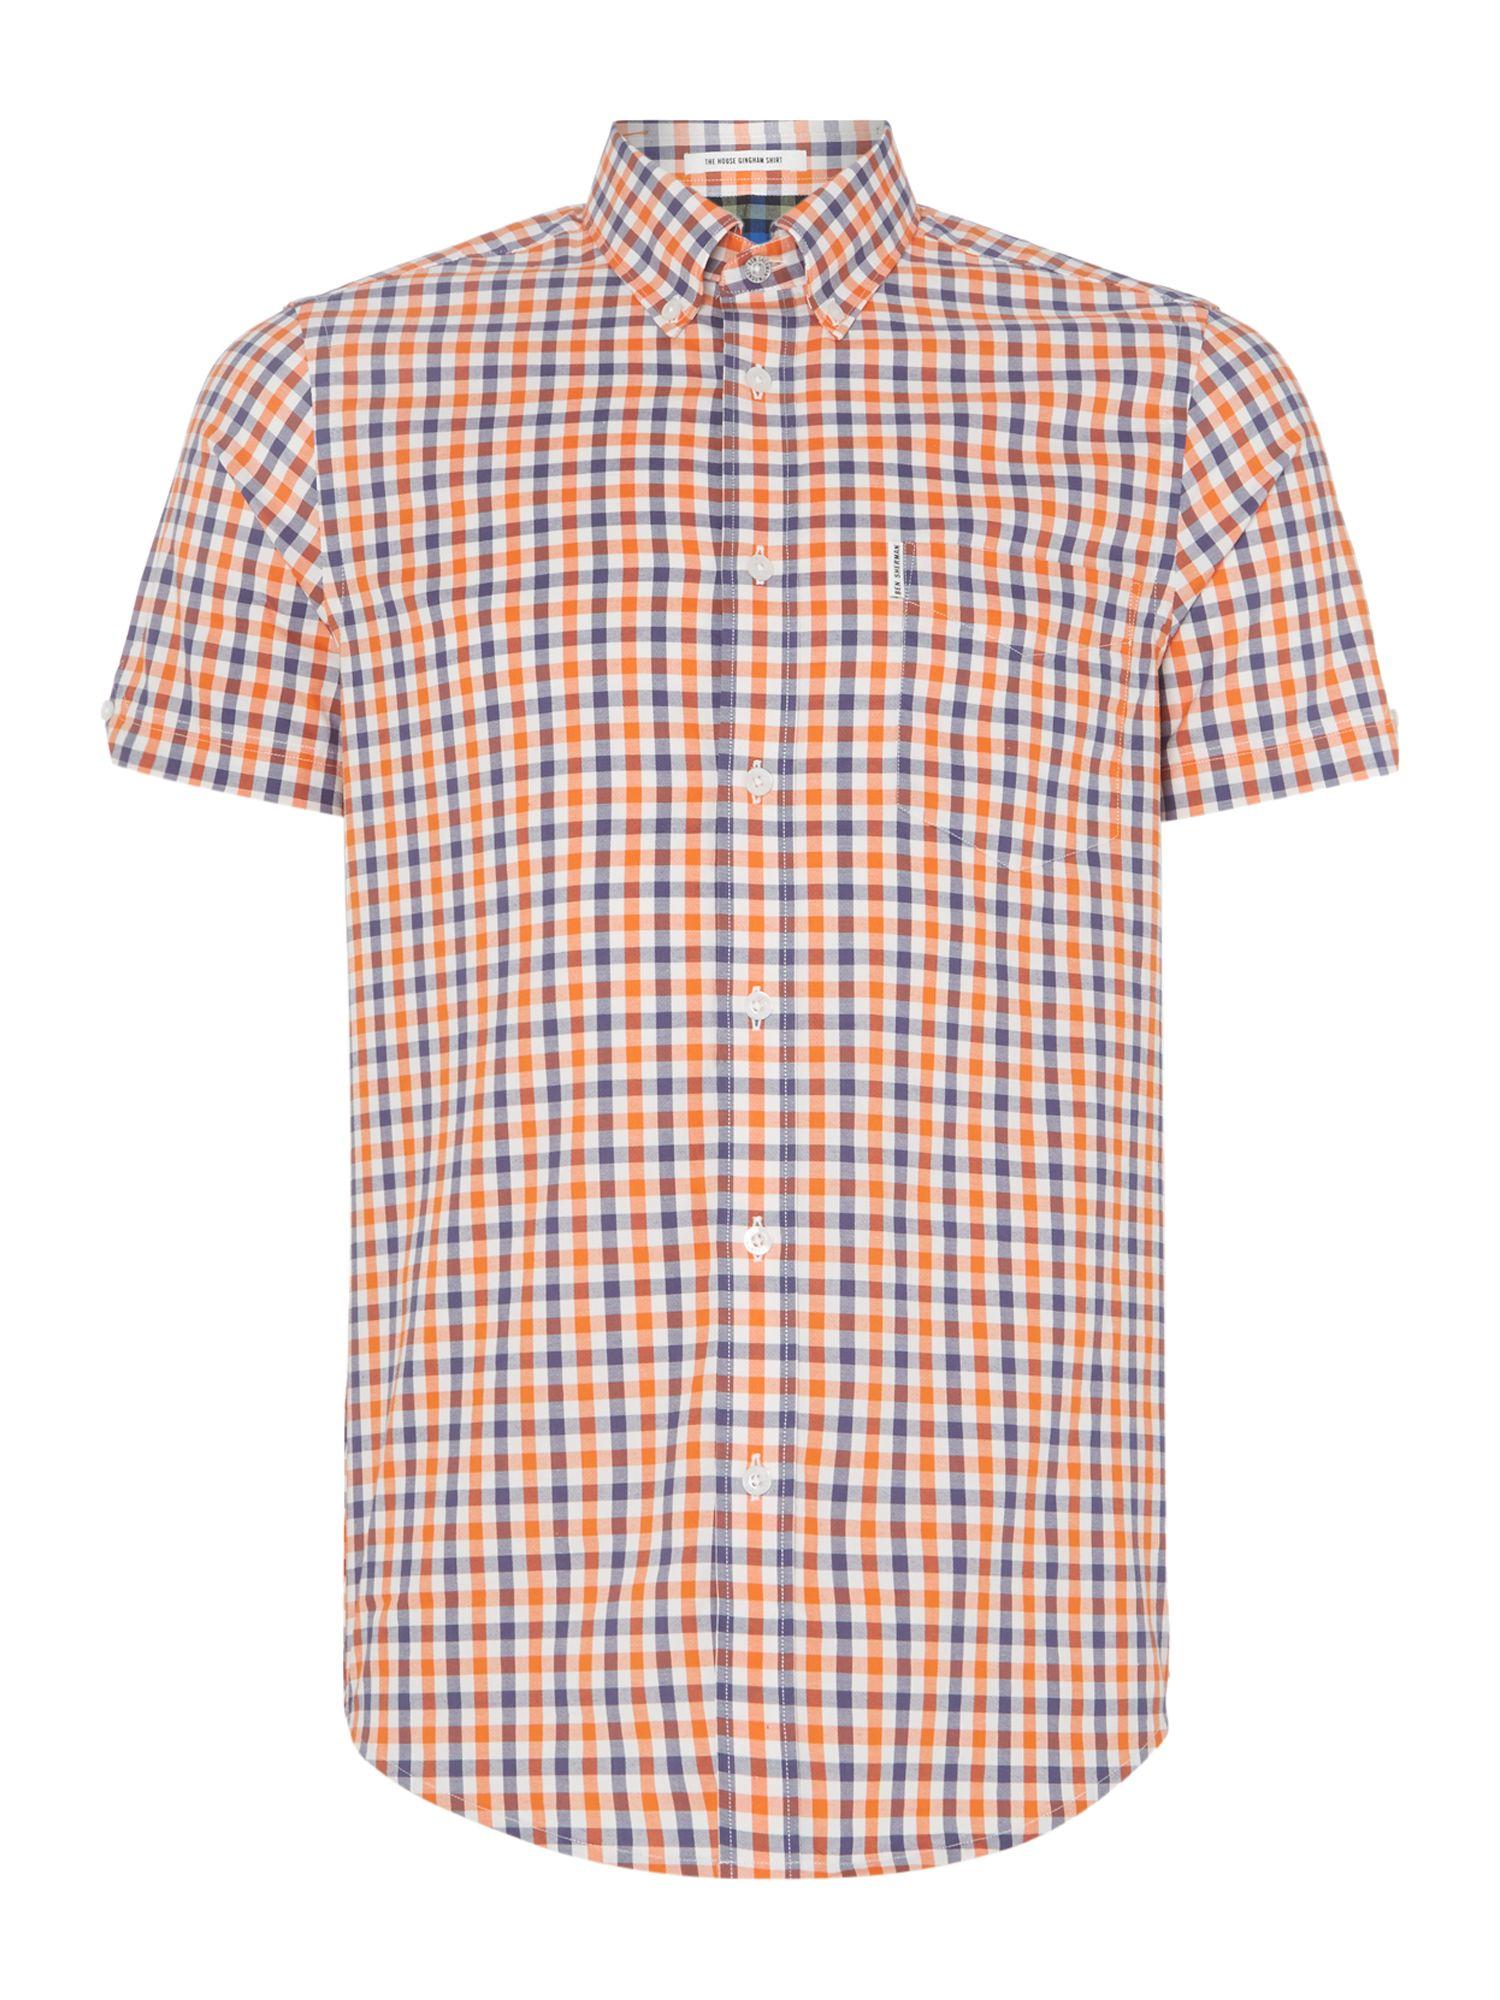 Ben Sherman New House Gingham Short Sleeve Shirt In Orange